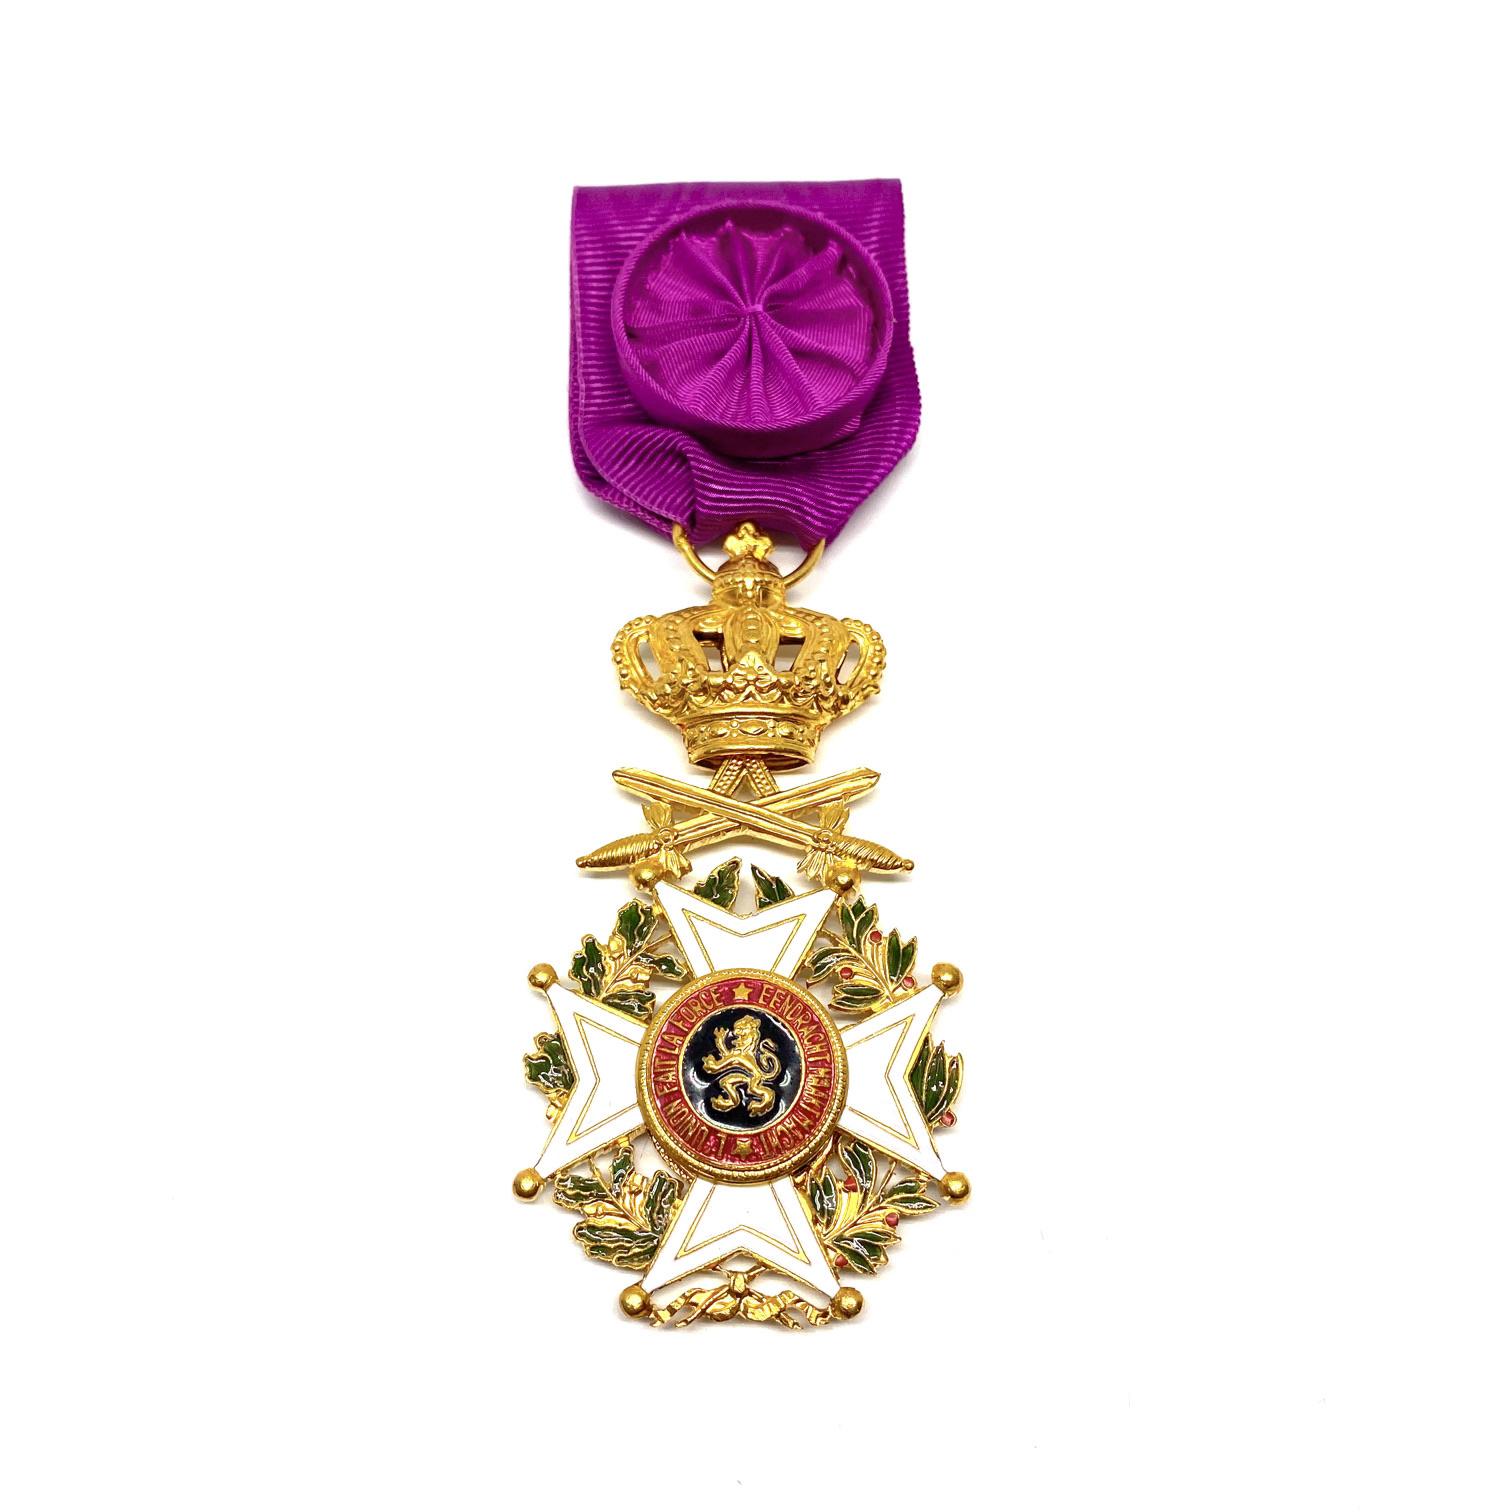 Officier de l'Ordre de Léopold Militaire